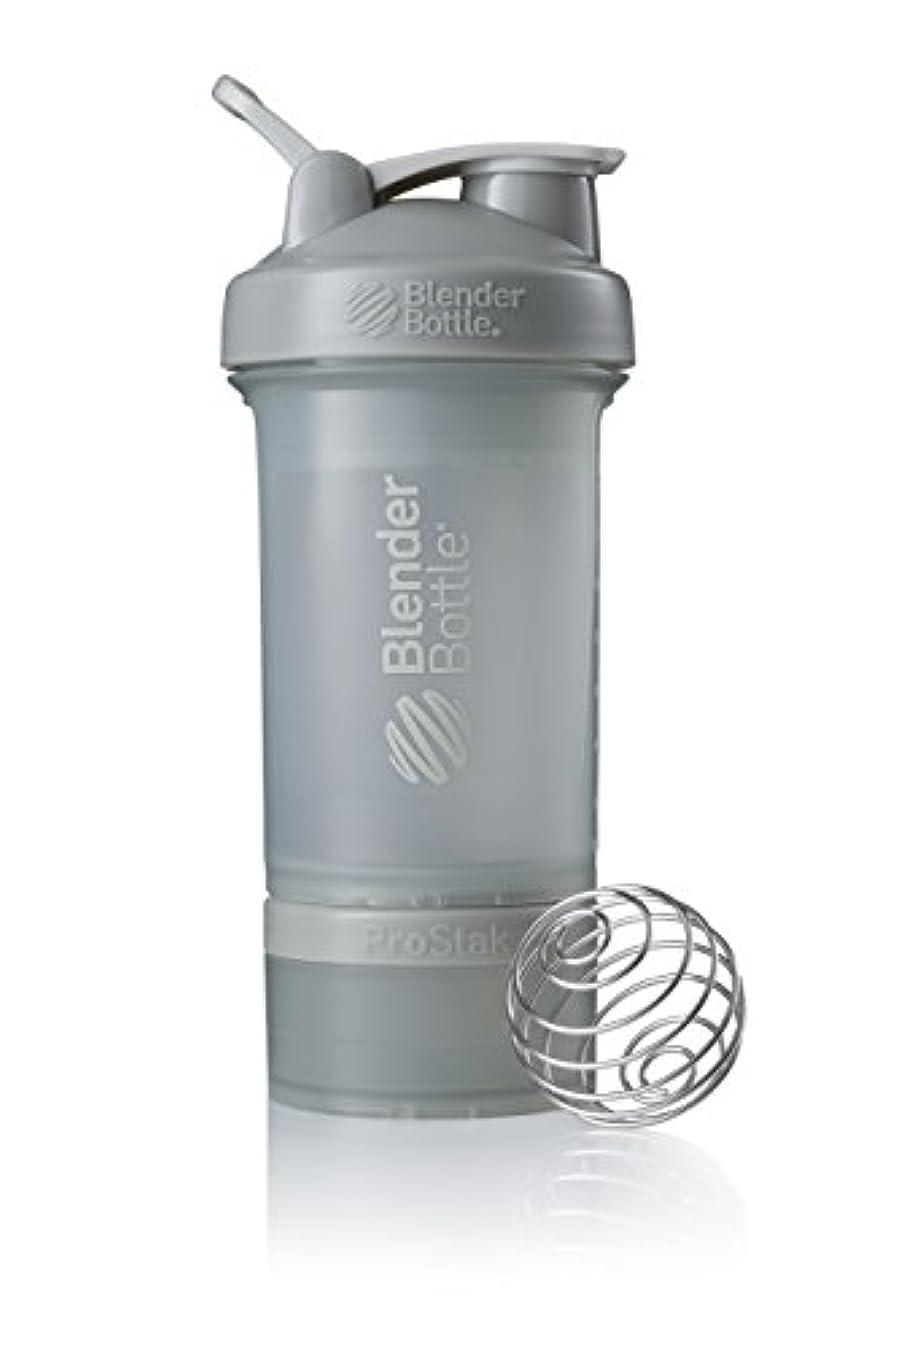 スペクトラム食欲レンドProstak 22オンスBlenderBottleフルカラー(2 Jar : 100 cc + 150 cc) bebbleグレー色